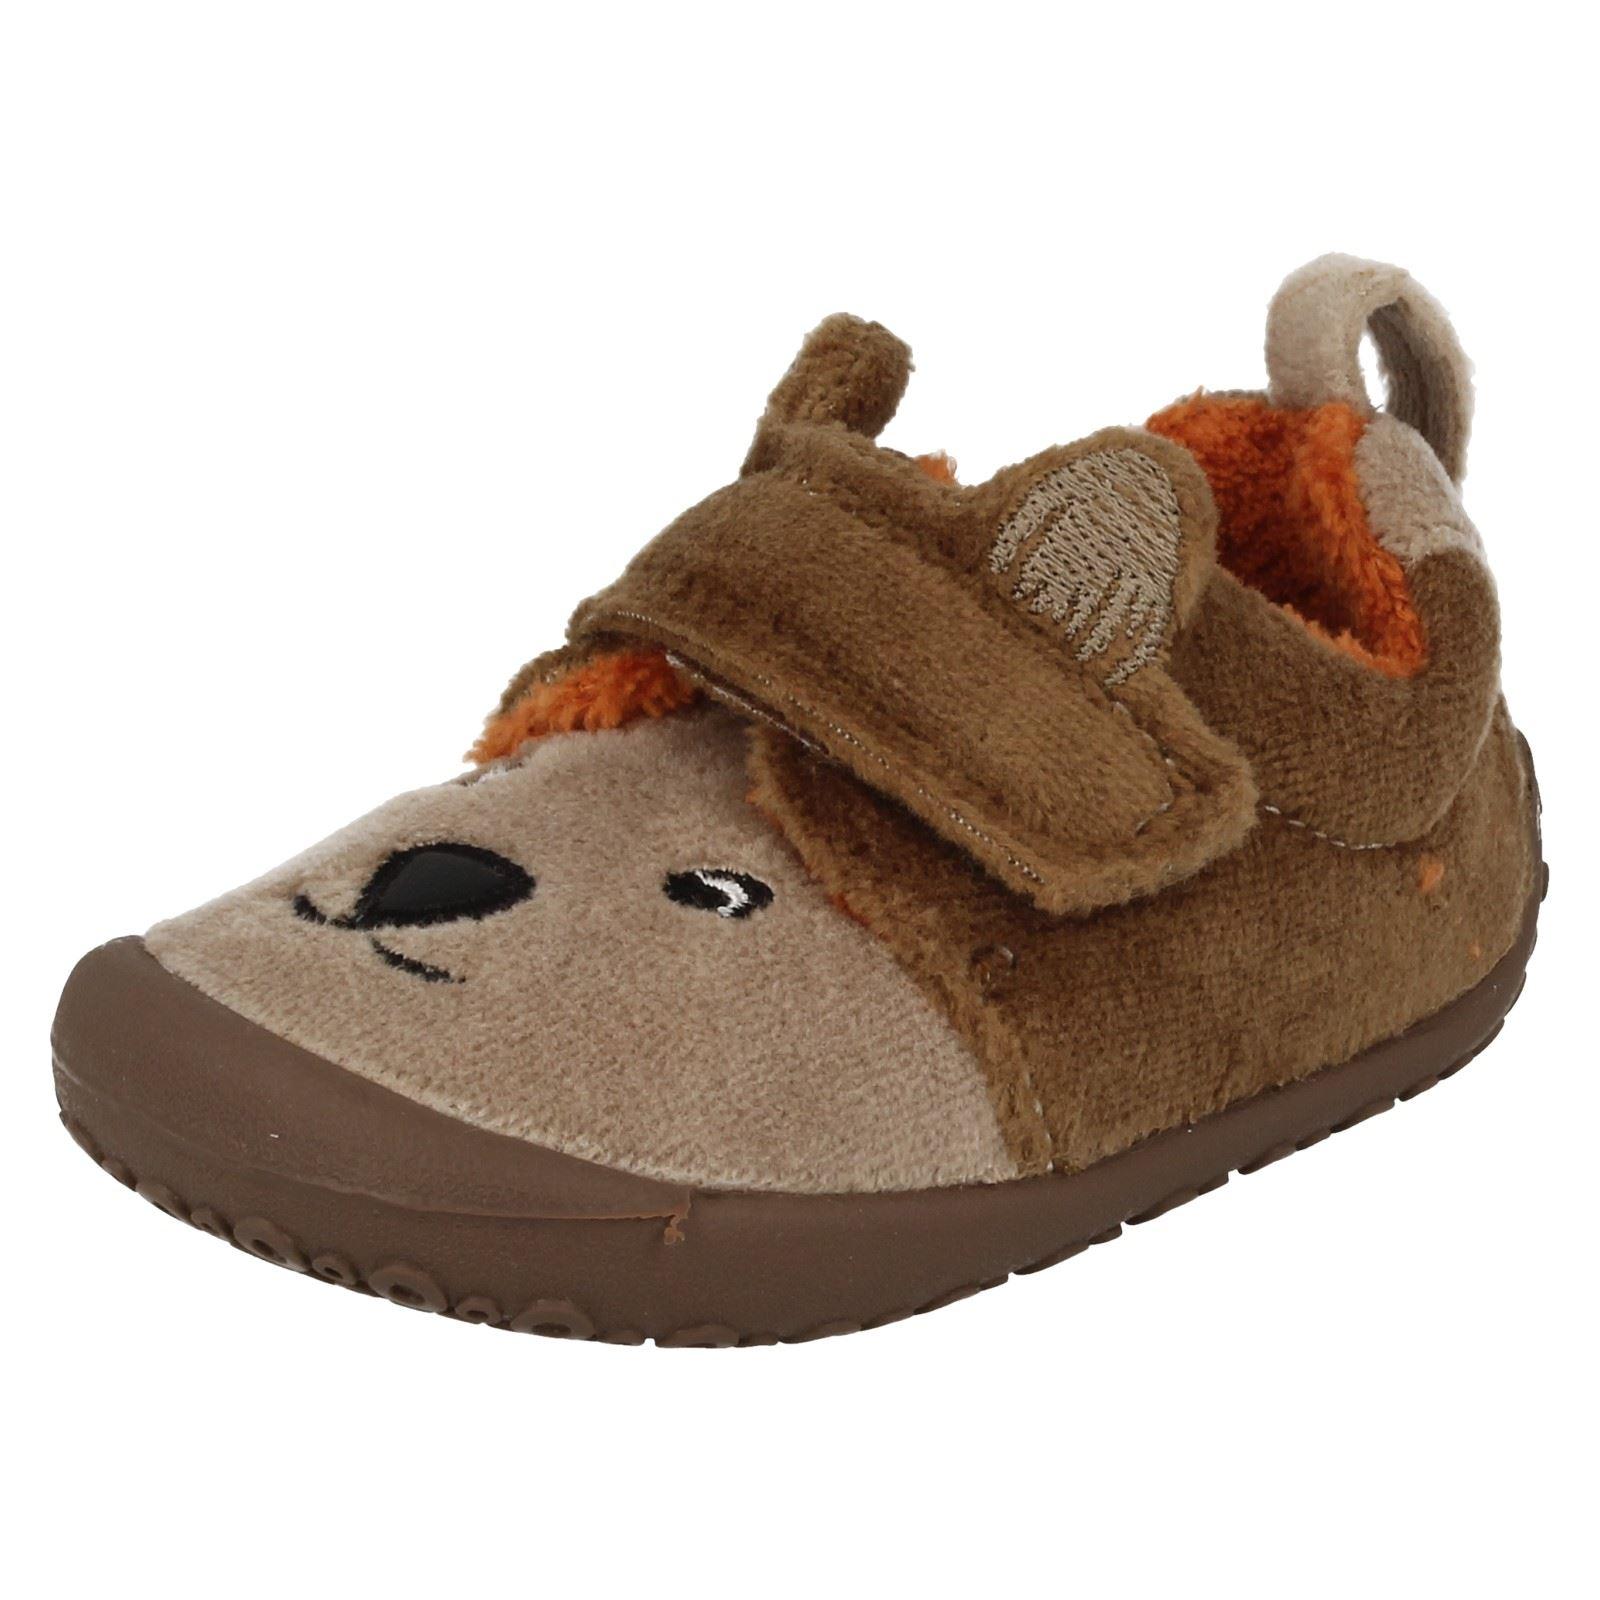 Boys Clarks Slippers Snoozy Paw | eBay